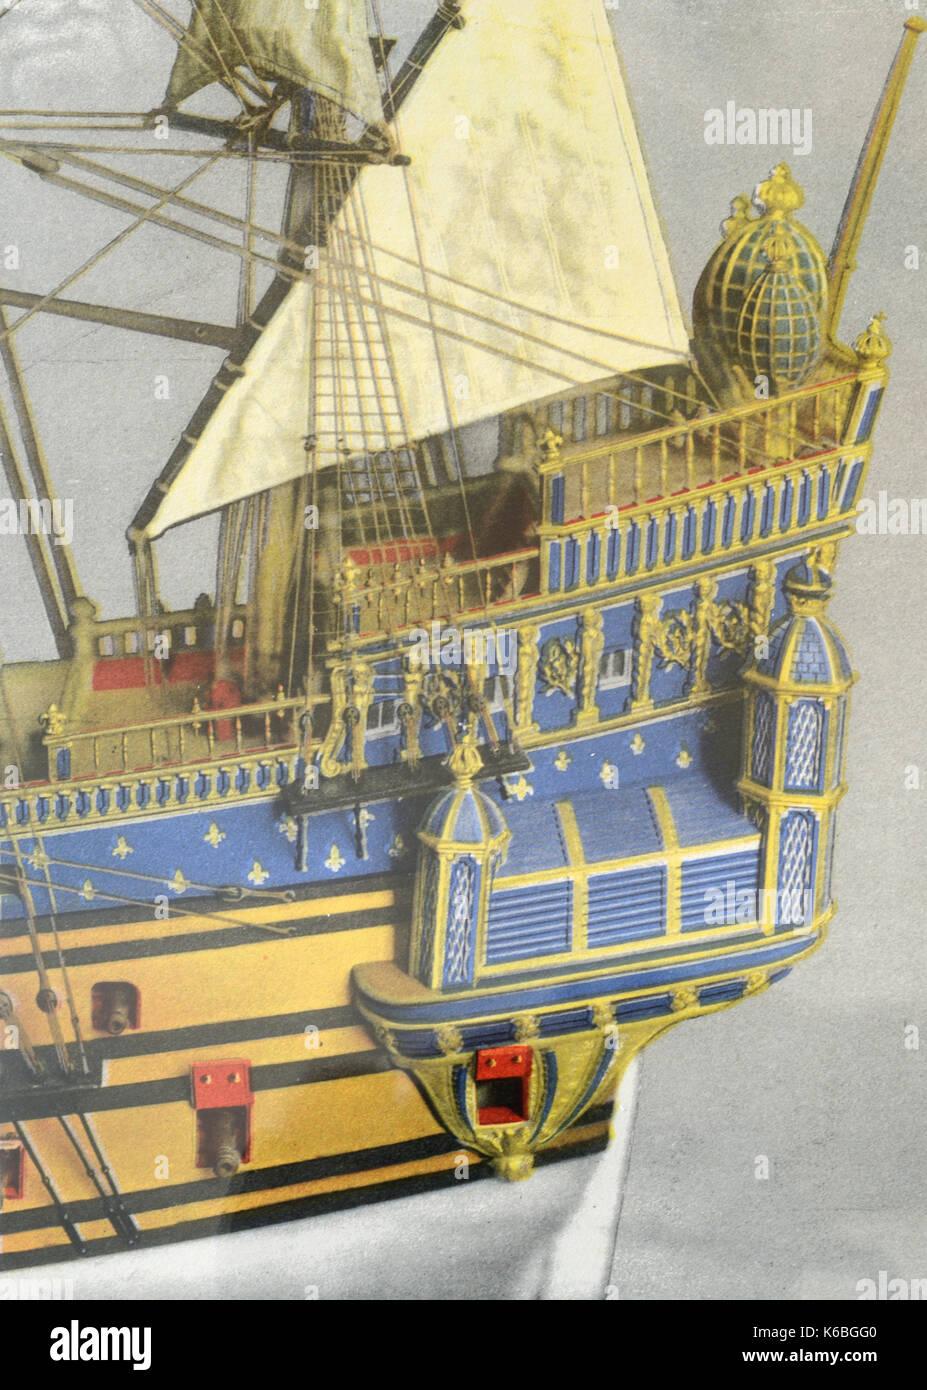 La Couronne (1636) Erste französische Kriegsschiff gebaut in La Roche-Bernard Frankreich Stockbild